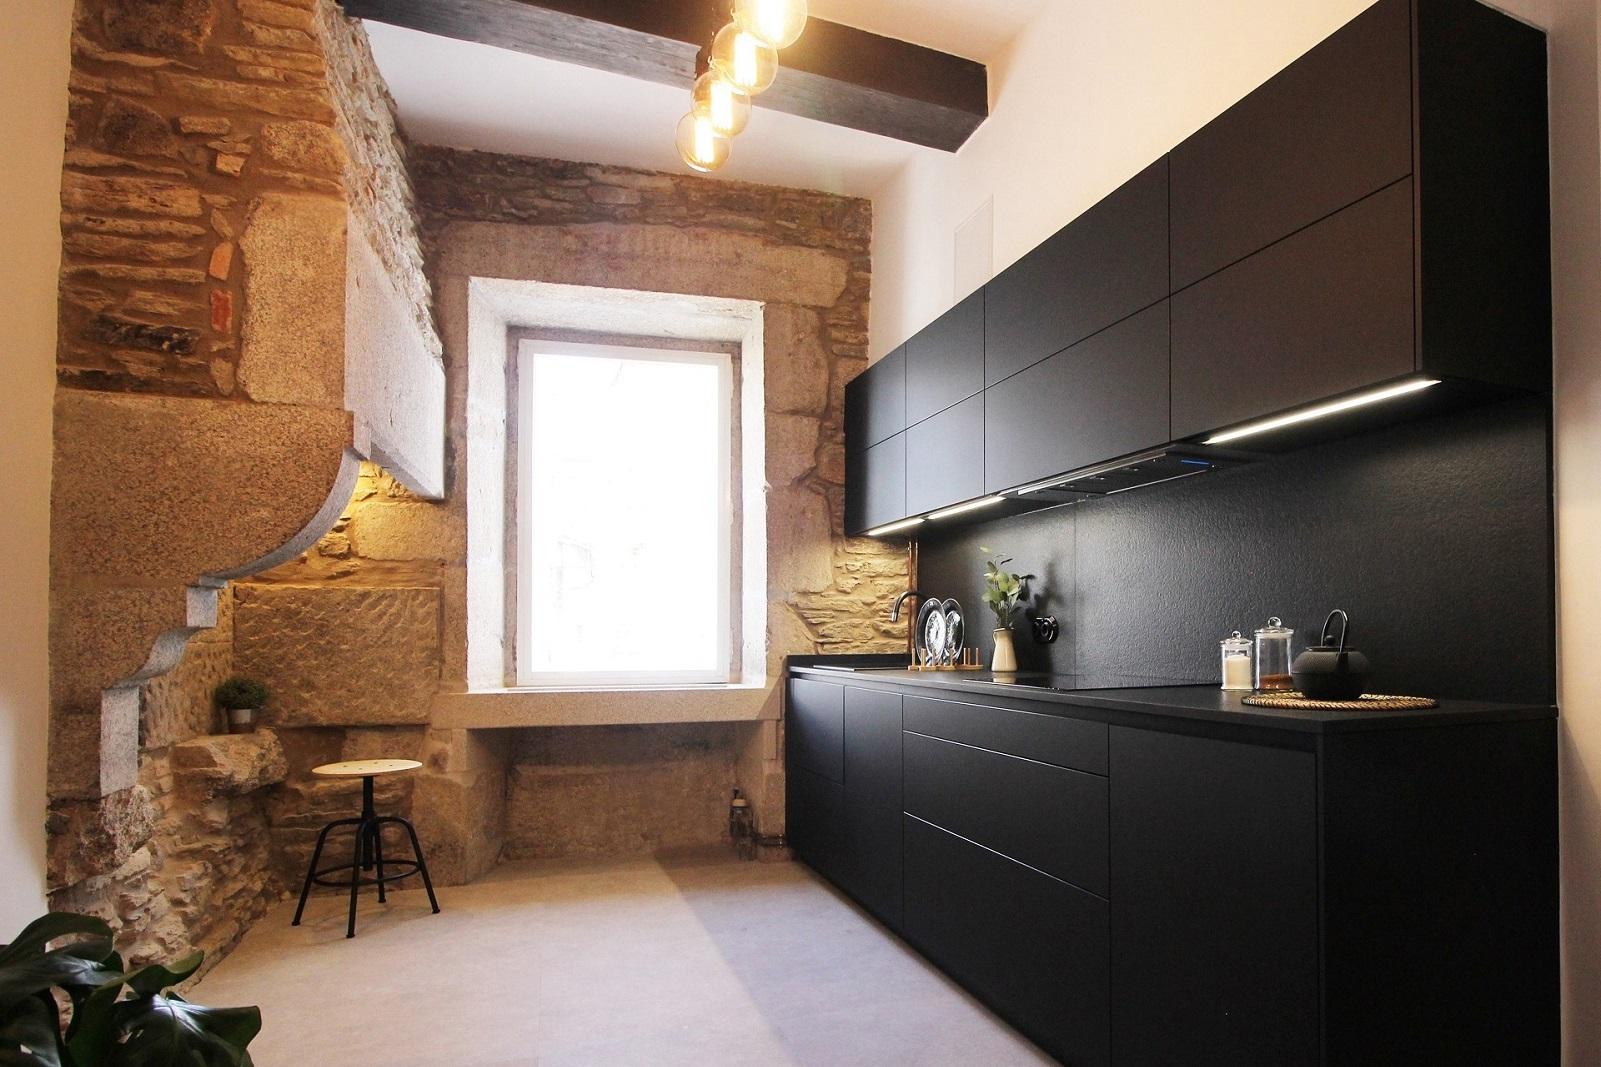 Cocina negra rustica Santiago Interiores